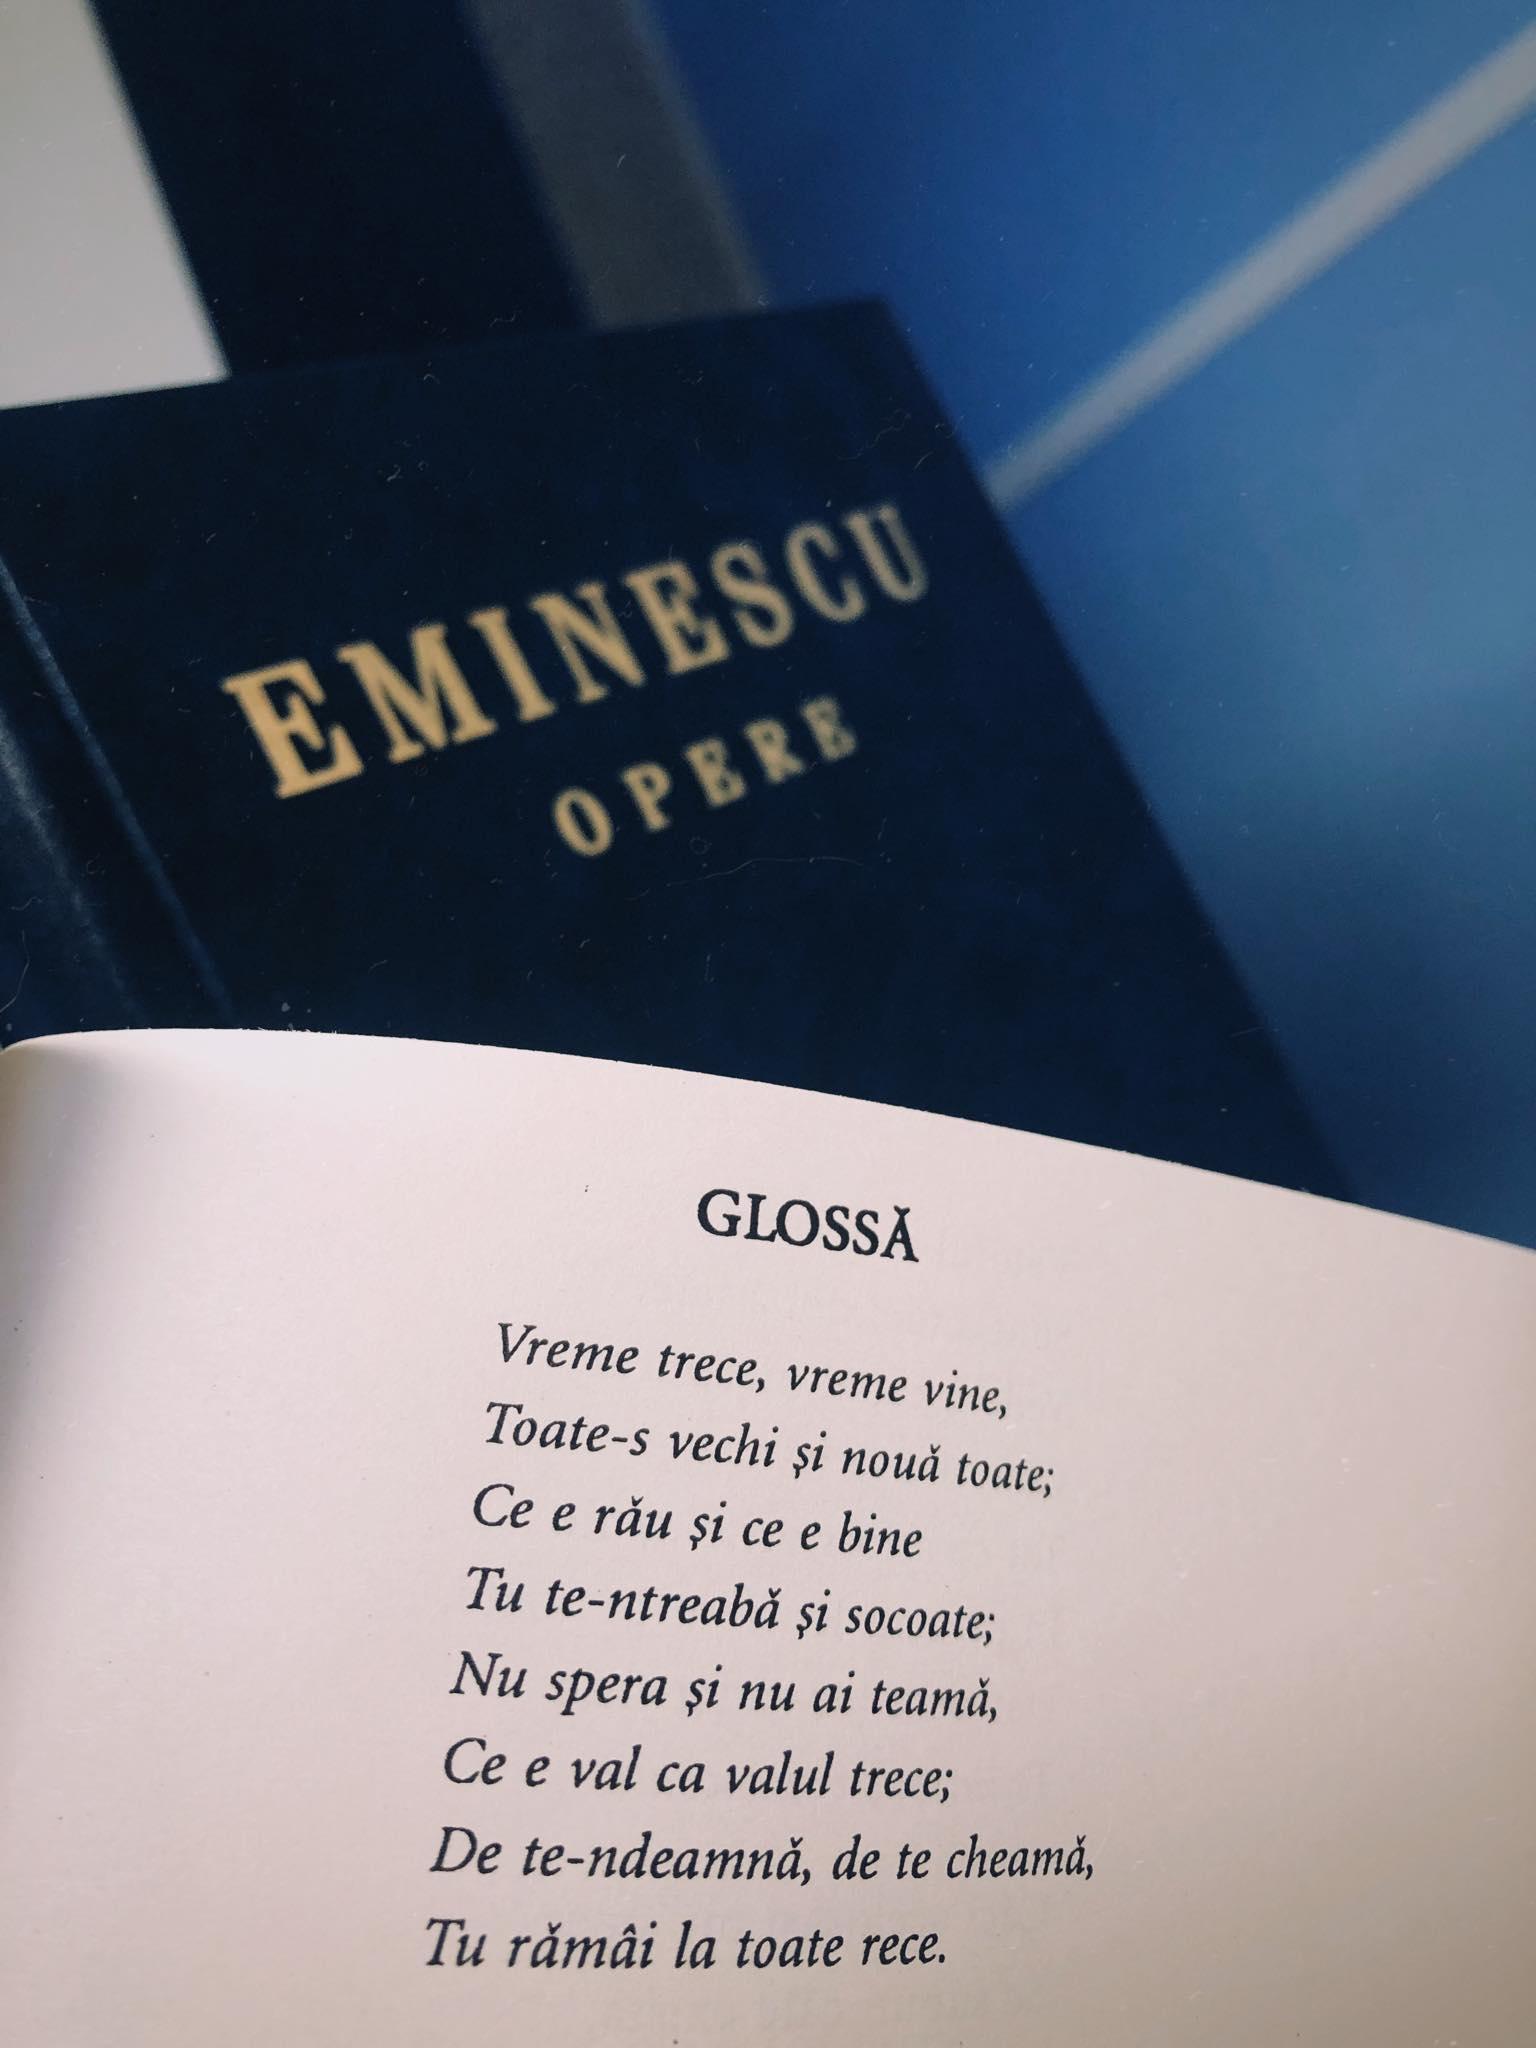 mihai-eminescu-opera-completa